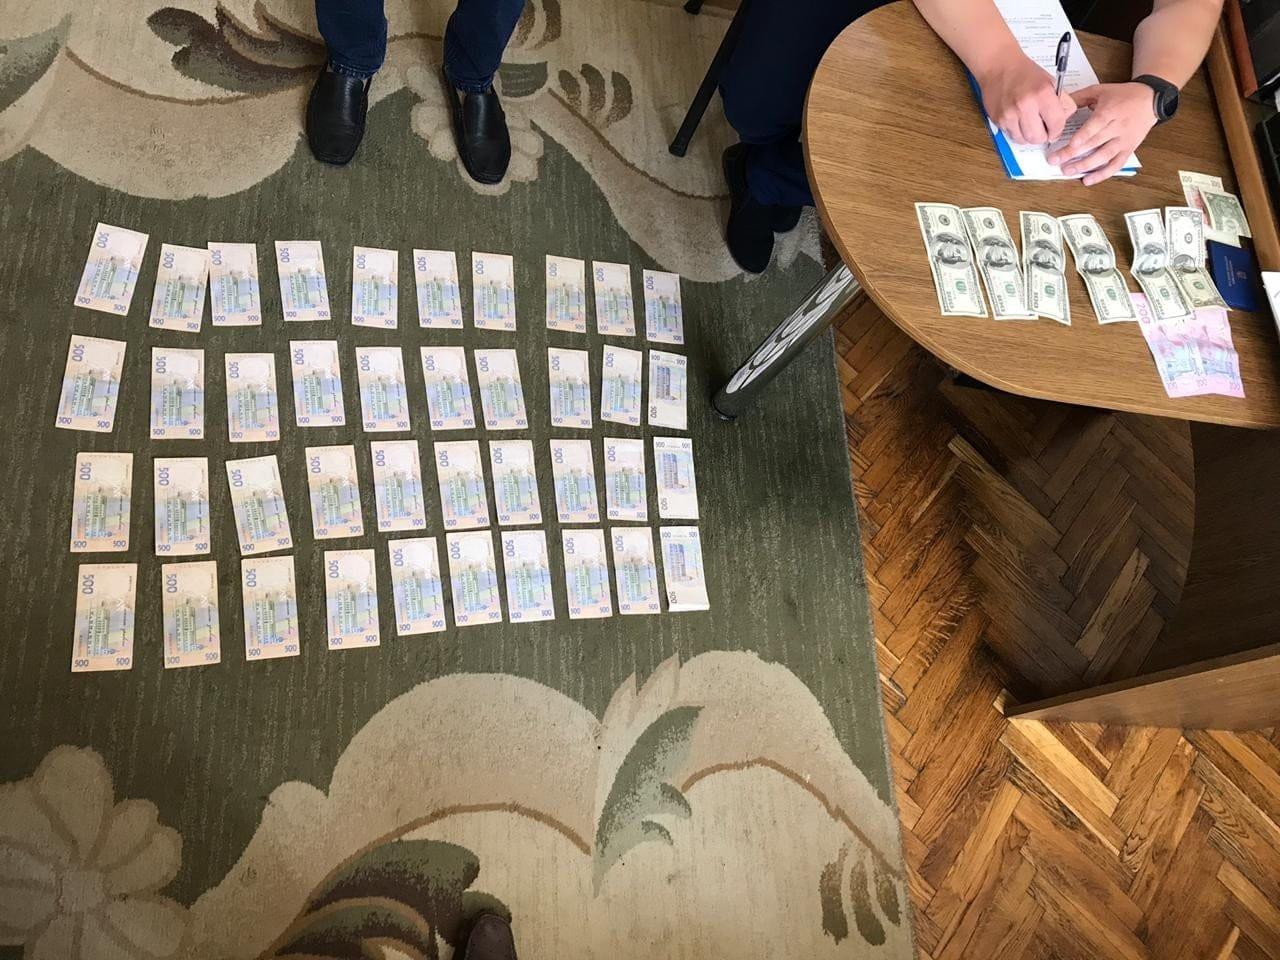 СБУ викрила керівника одного з райвідділів виконавчої служби Івано-Франківщини на хабарях, фото-1